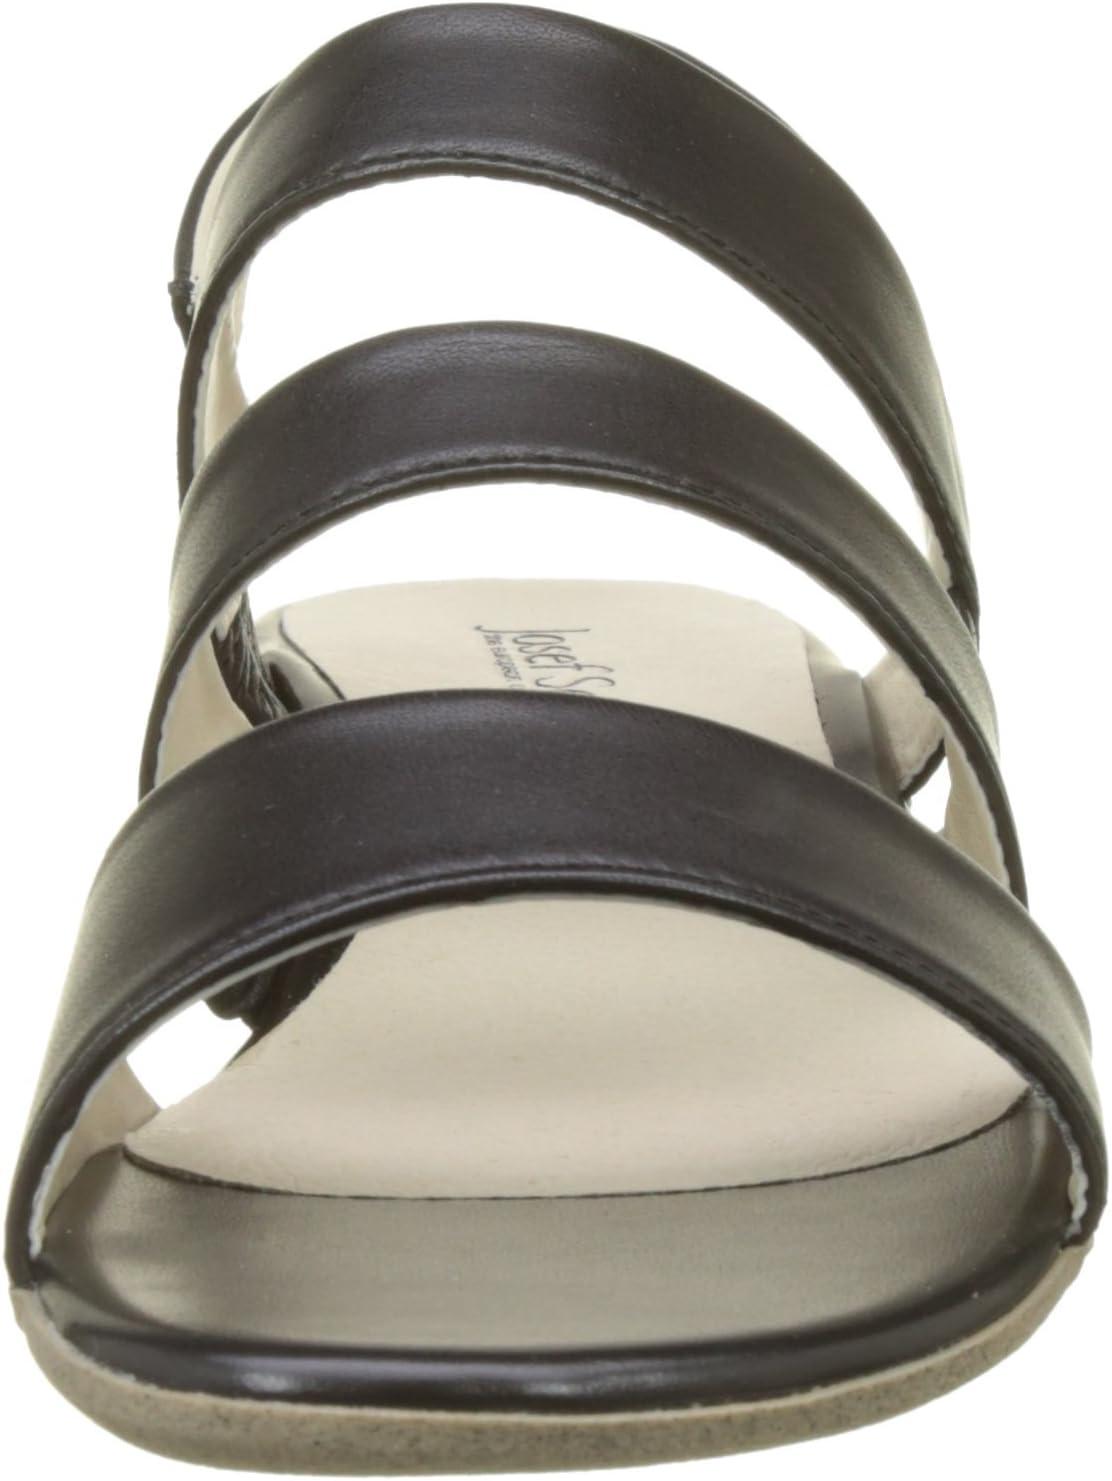 Josef Seibel Fabia 11 Romeinse sandalen zwart